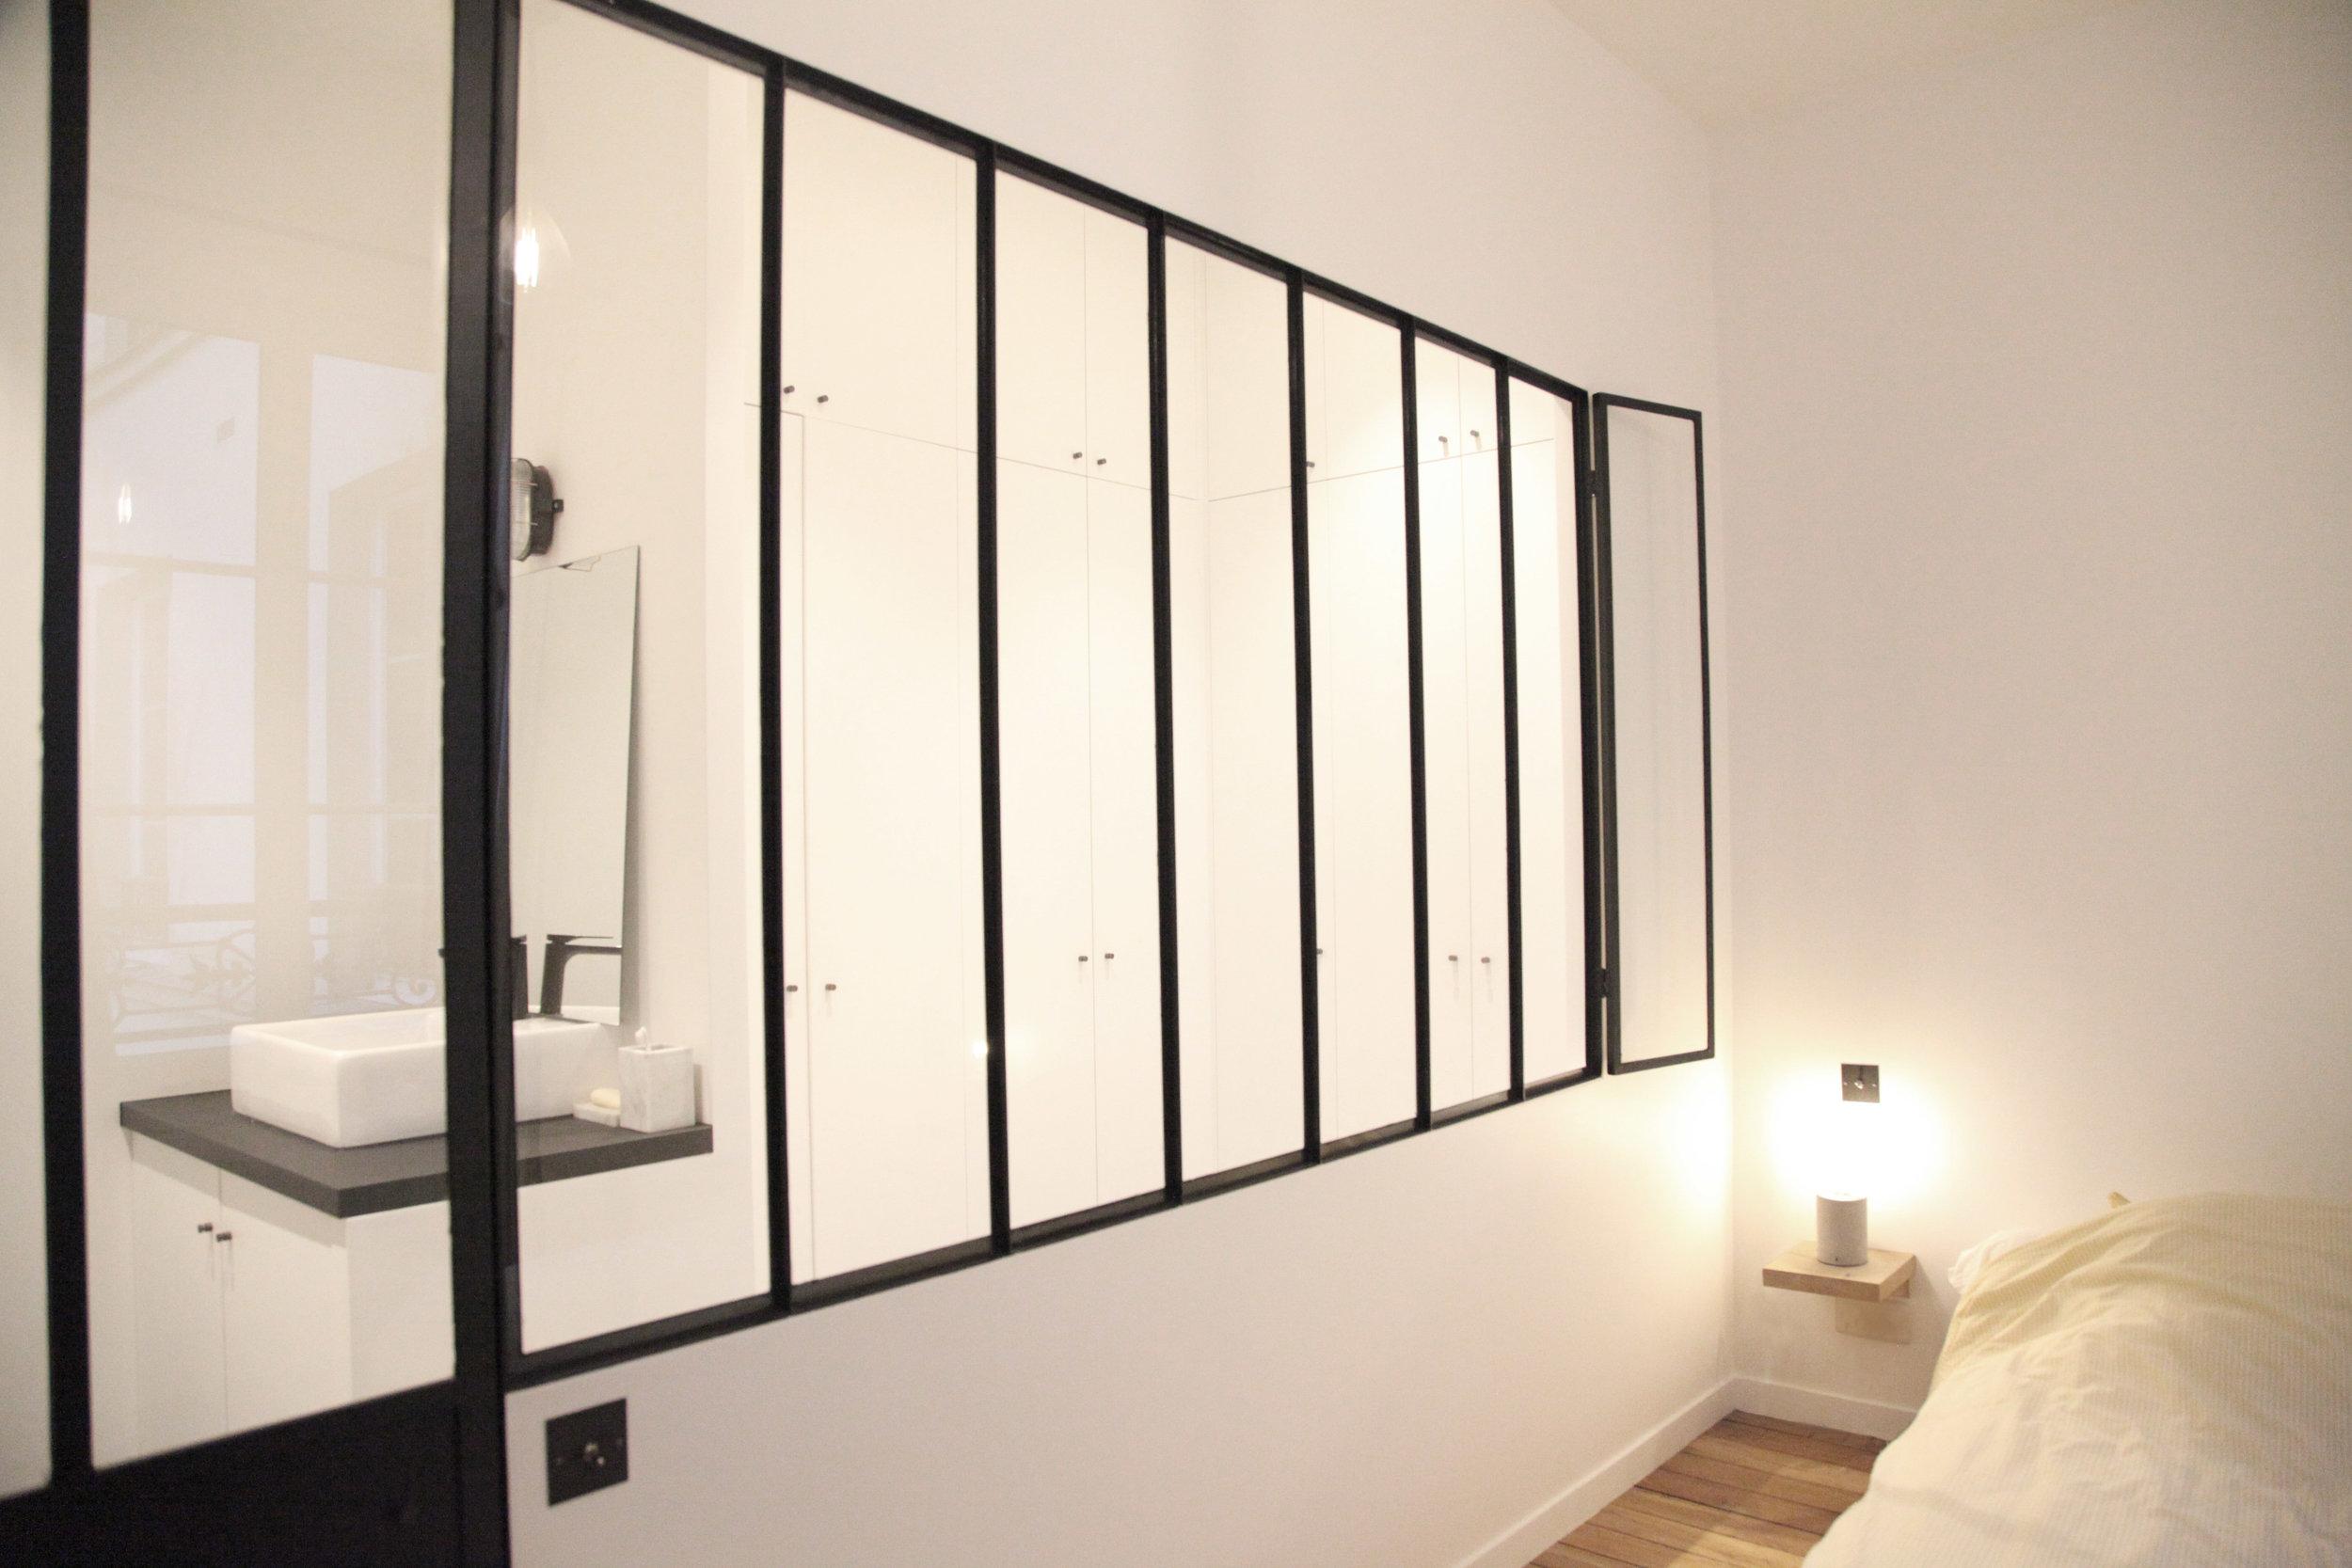 nicolasvade adv studio architecture interieur design amenagement paris 4.jpg